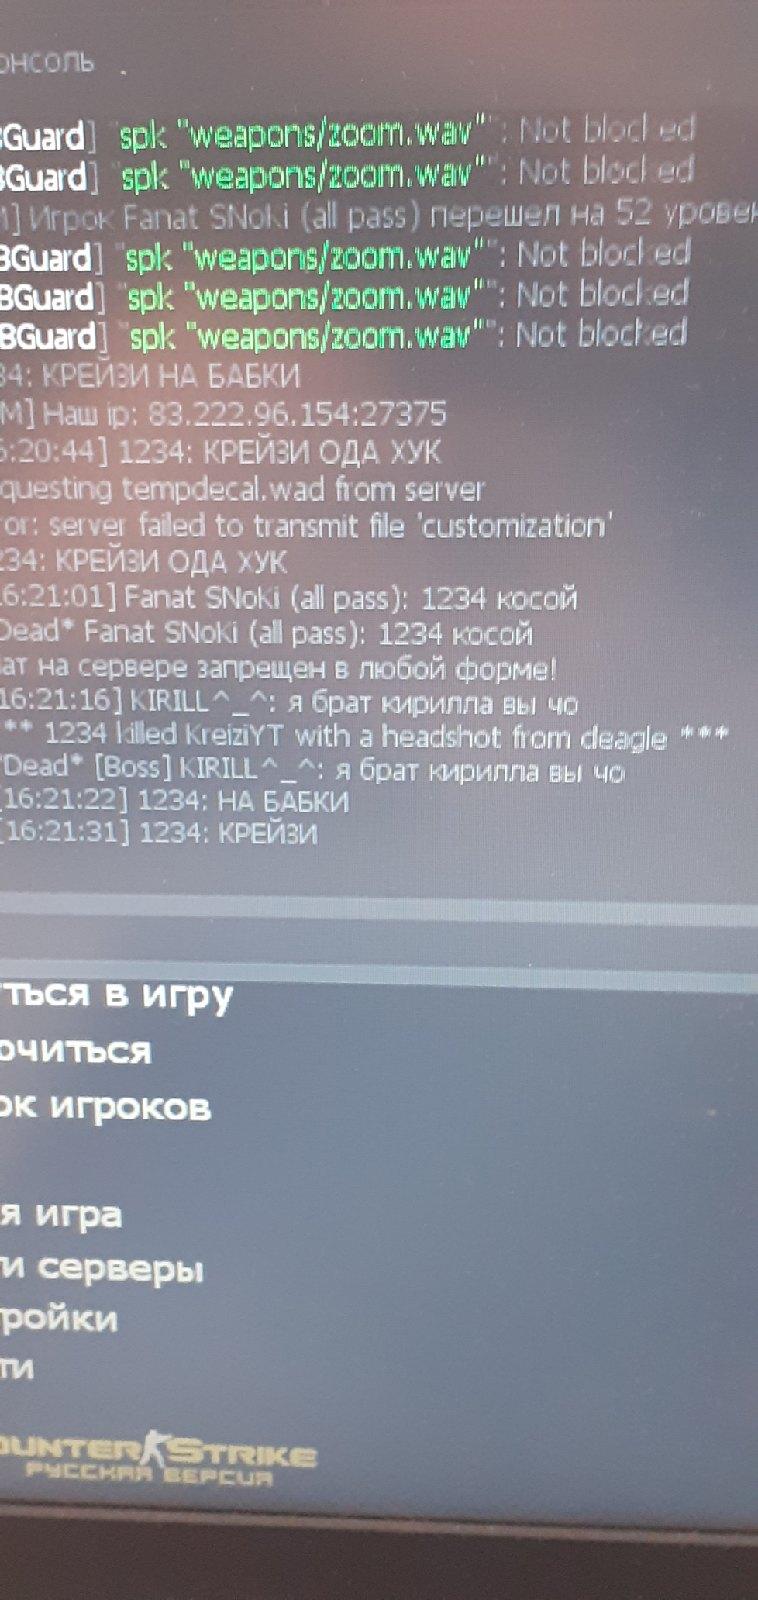 cn1gOrMxJX8.jpg